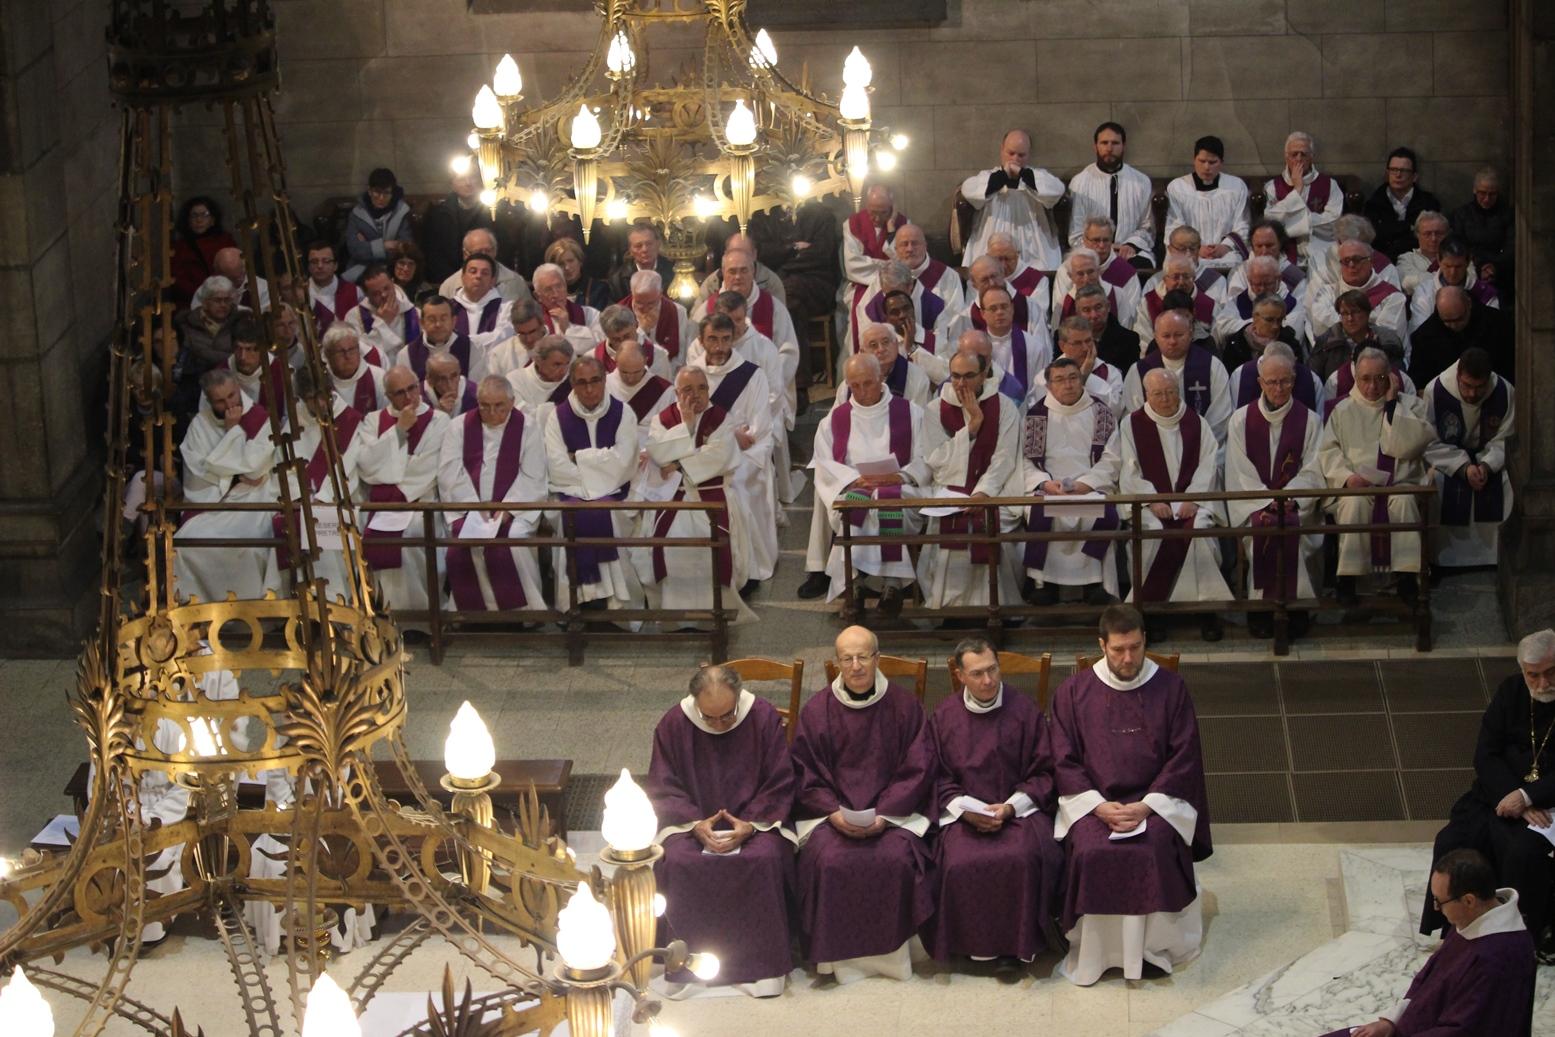 Le presbytérium de Saint-Etienne rend hommage au père François